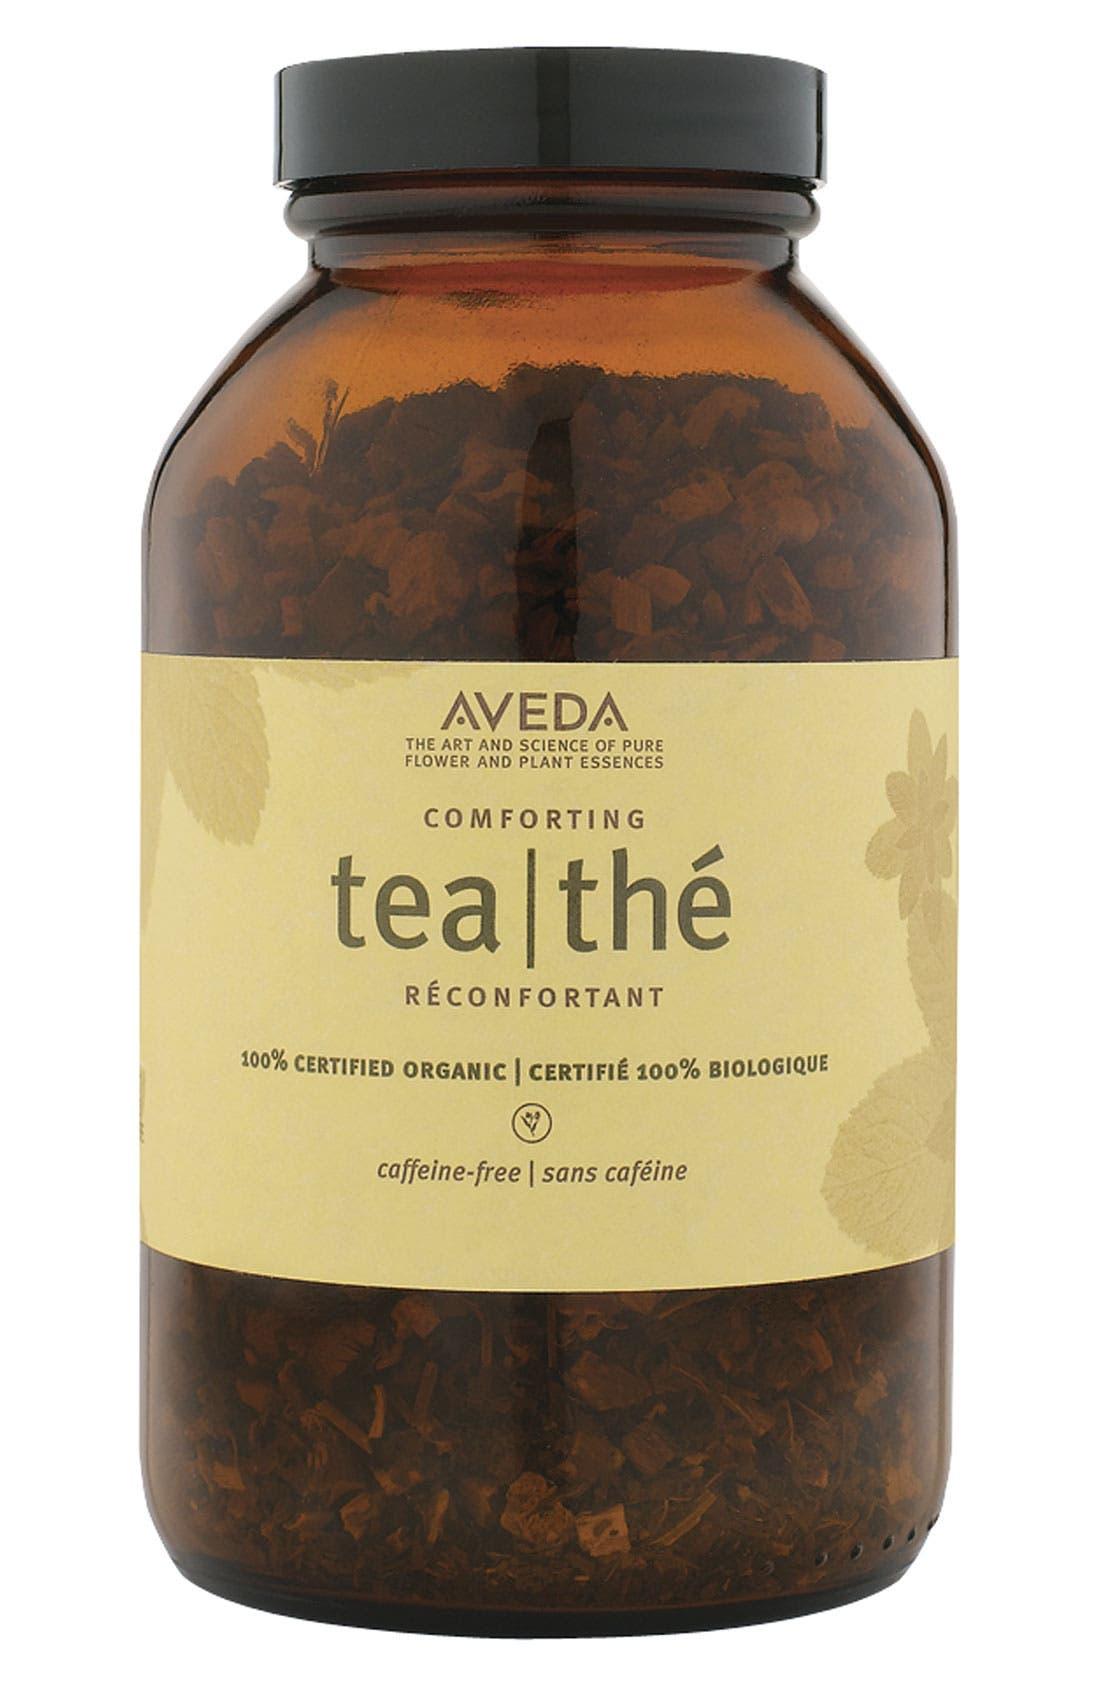 Aveda 'Comforting' Tea